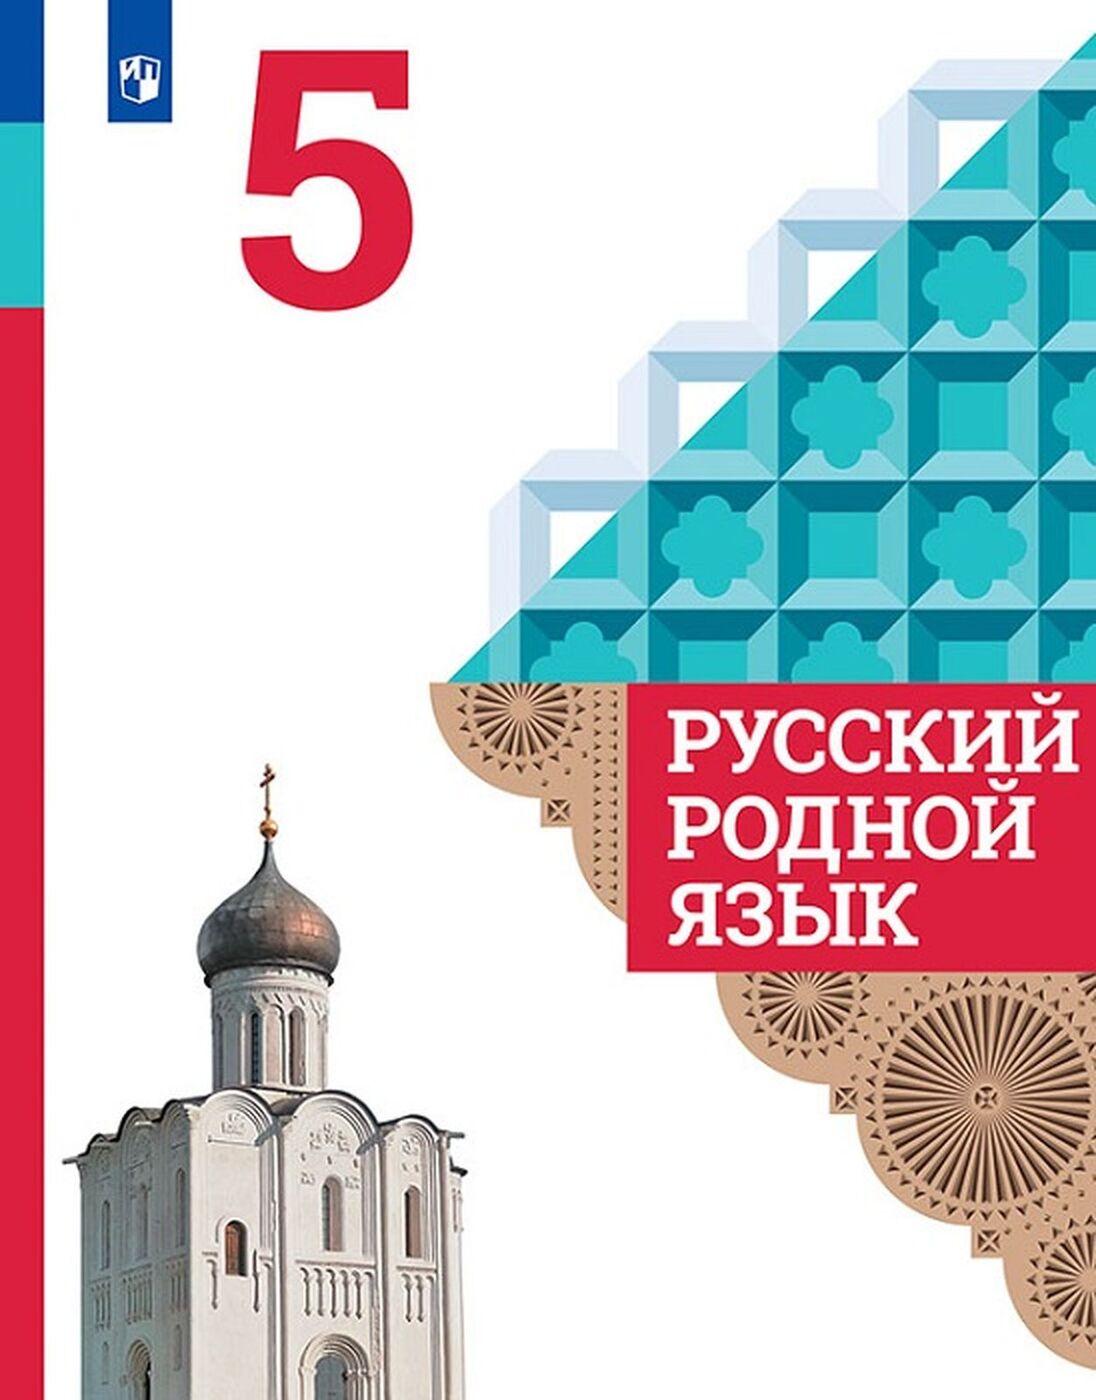 Русский родной язык. 5 класс. Учебное пособие для общеобразовательных организаций